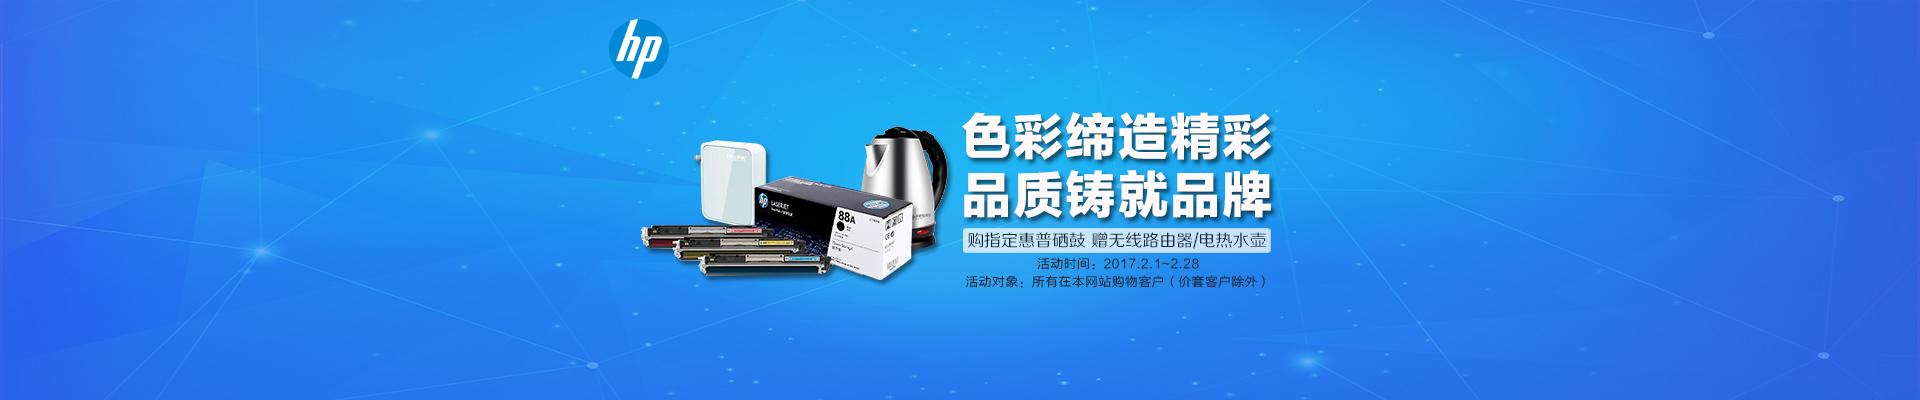 色彩缔造精彩 品质铸就品牌 购指定惠普硒鼓 赠迷你型3G无线路由器/电热水壶